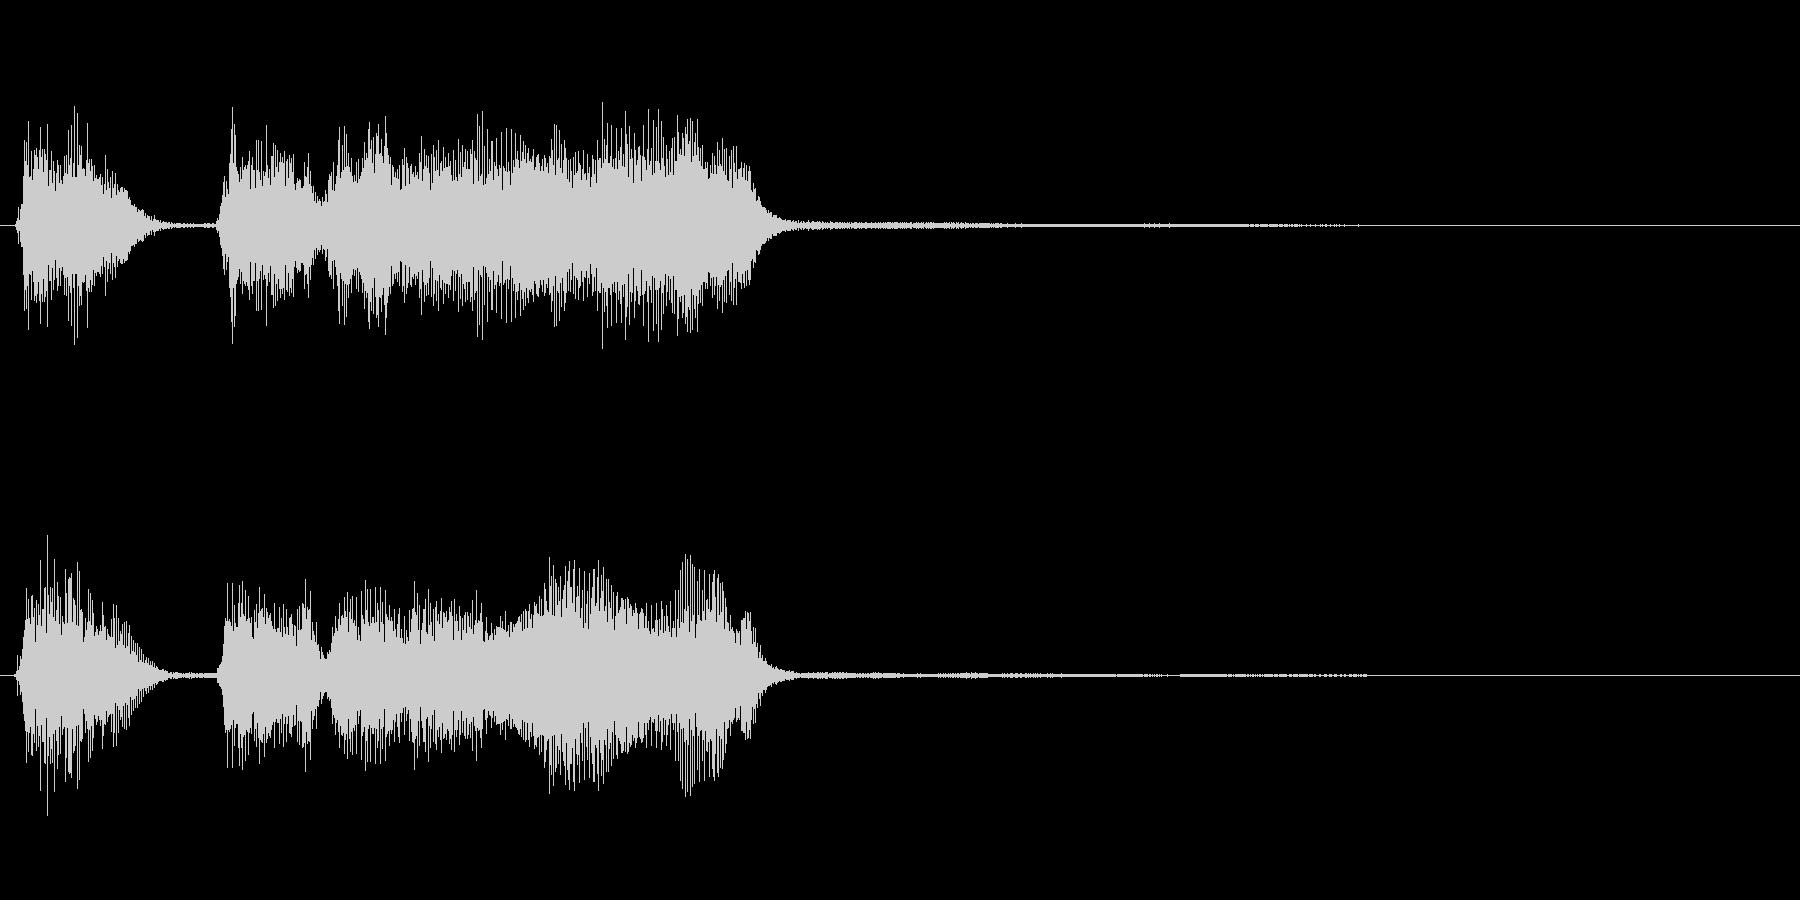 玩具系ファンファーレ-05の未再生の波形